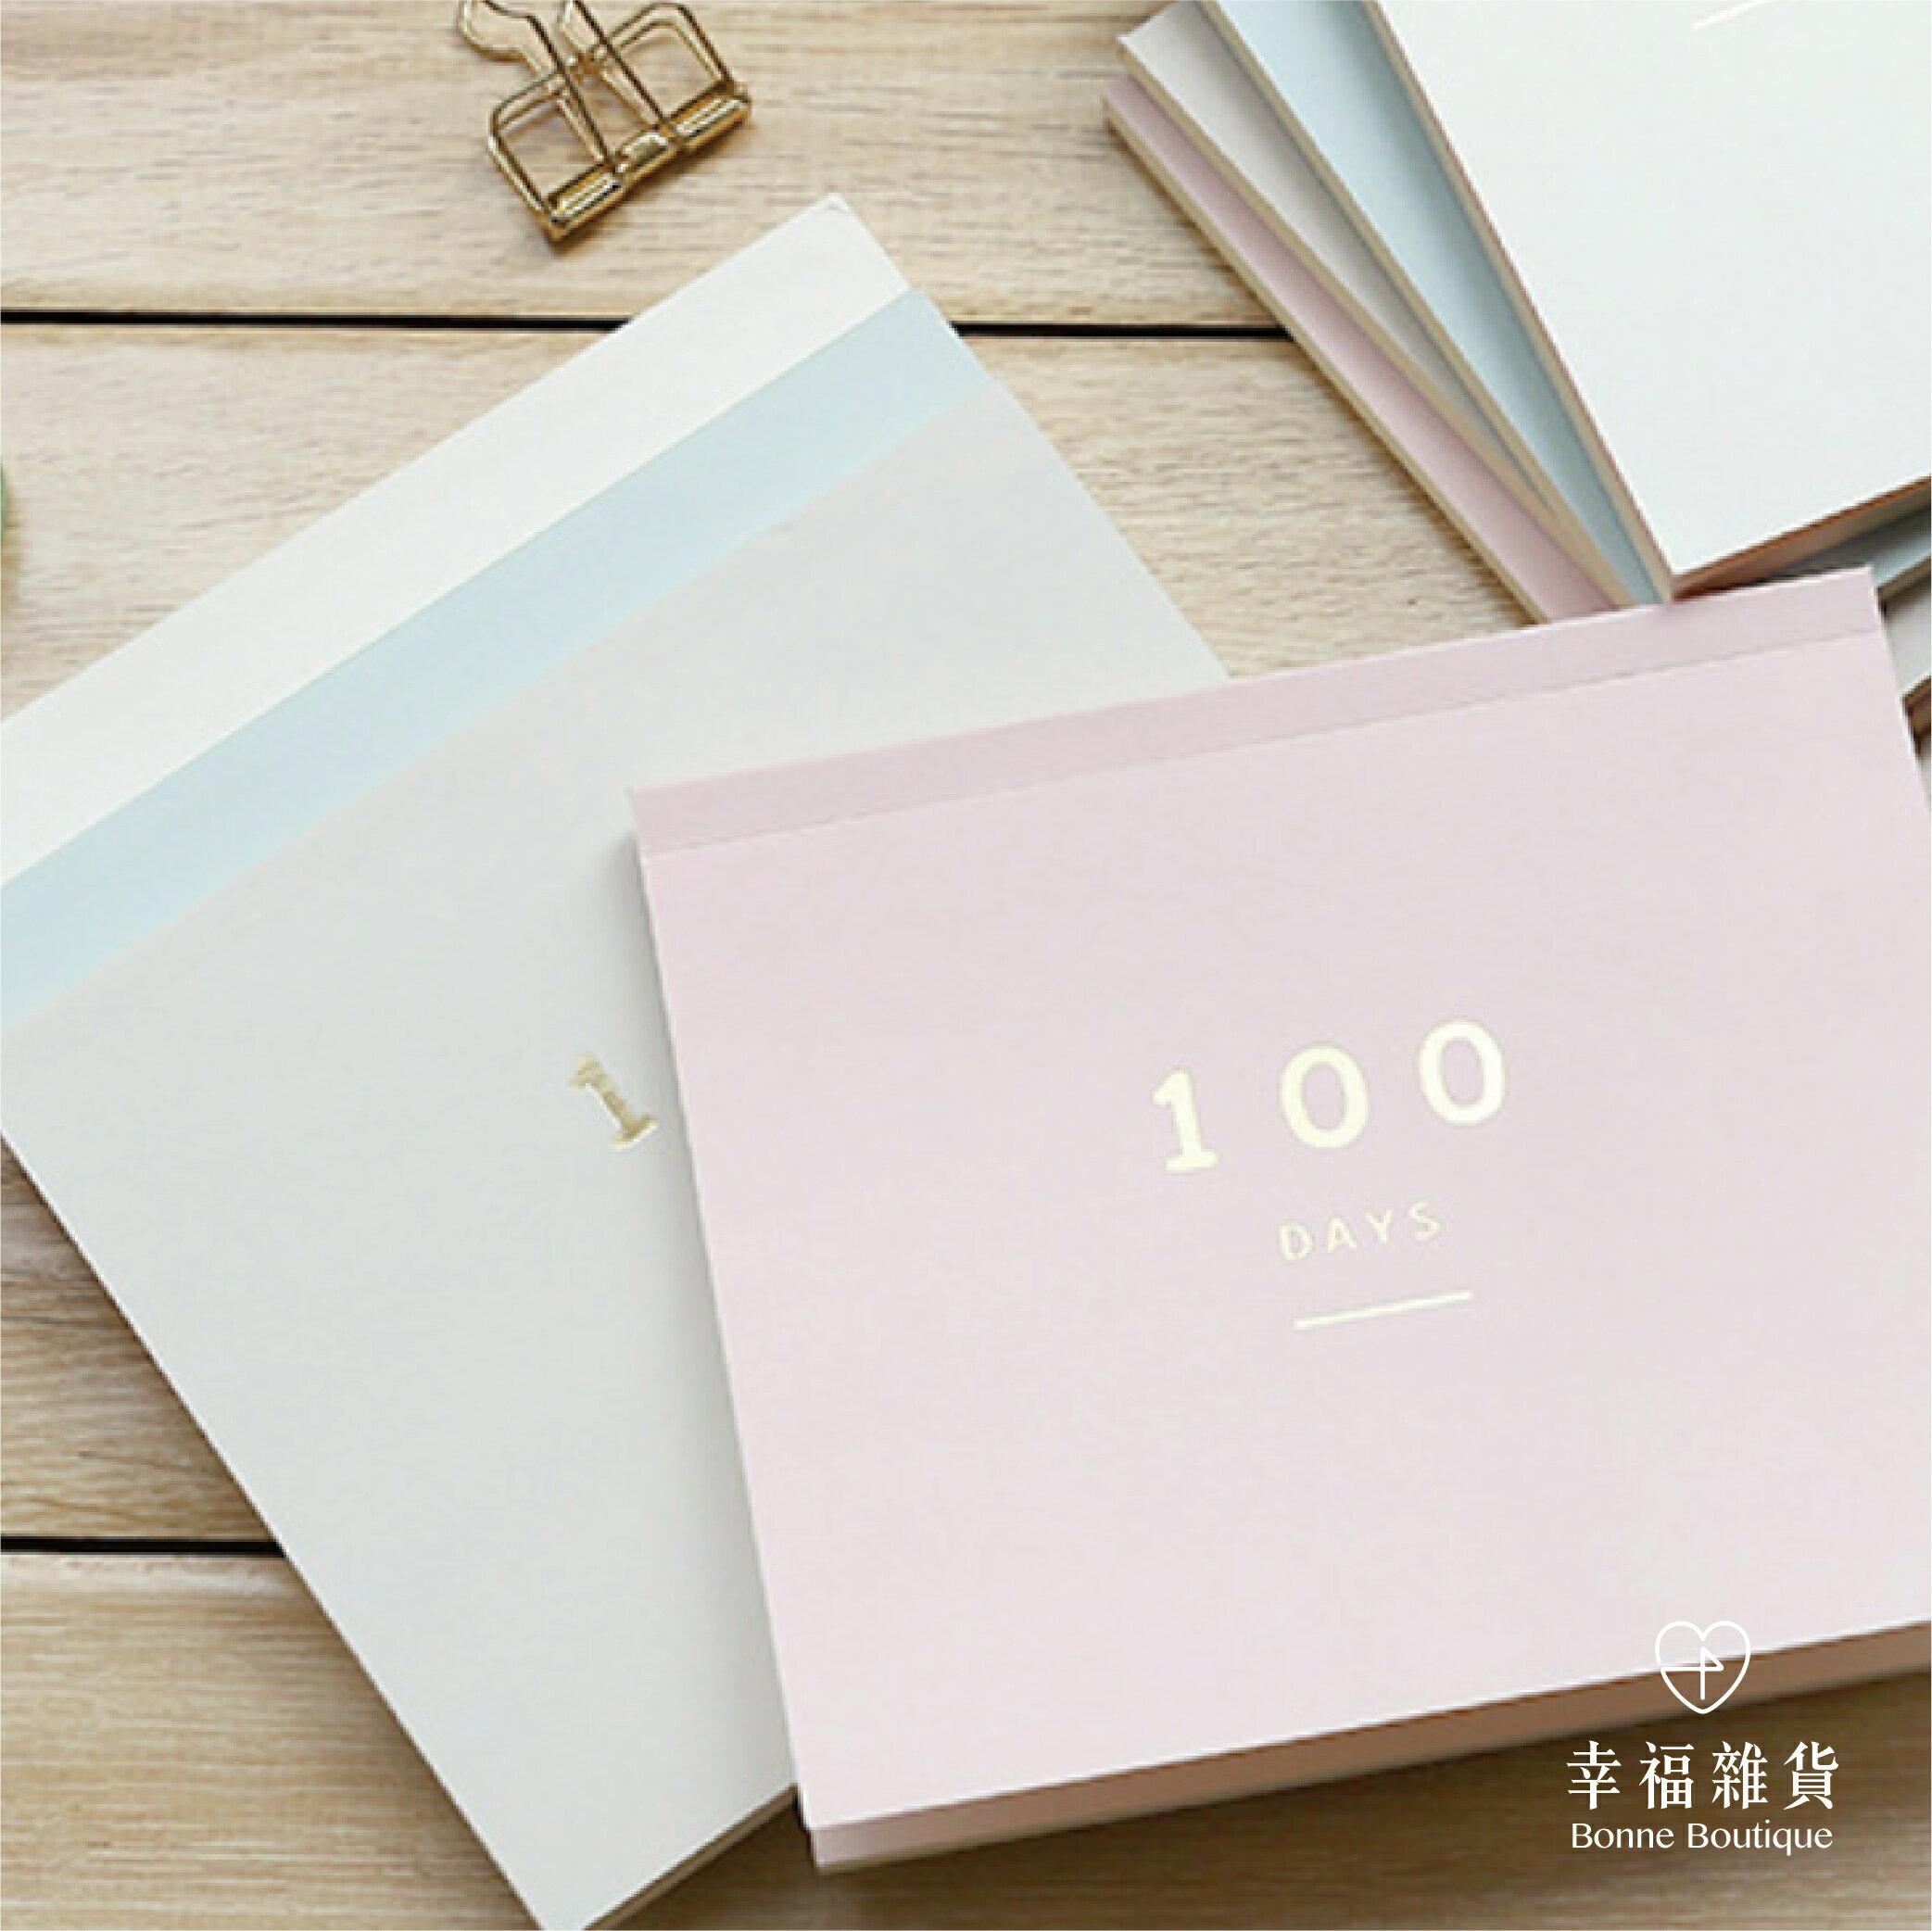 100天記錄規劃本 每日計畫日程表 時間管理 學習計畫 小款【Bonne Boutique幸福雜貨】